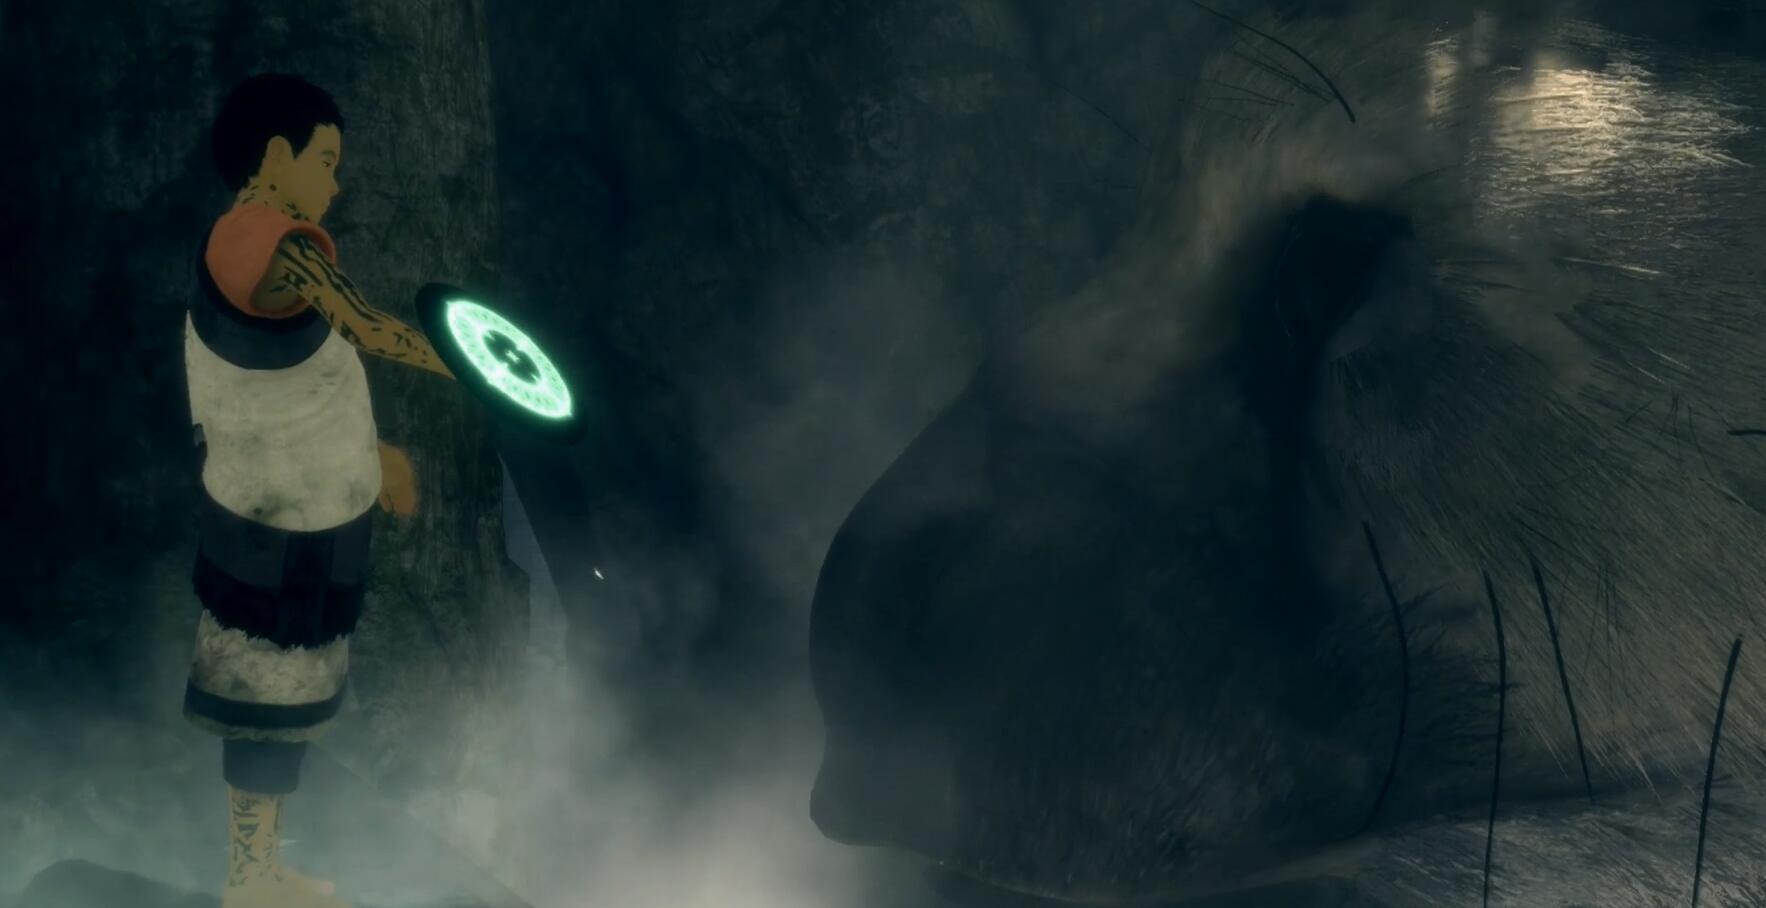 奇怪的洞窟与巨鹰14.jpg